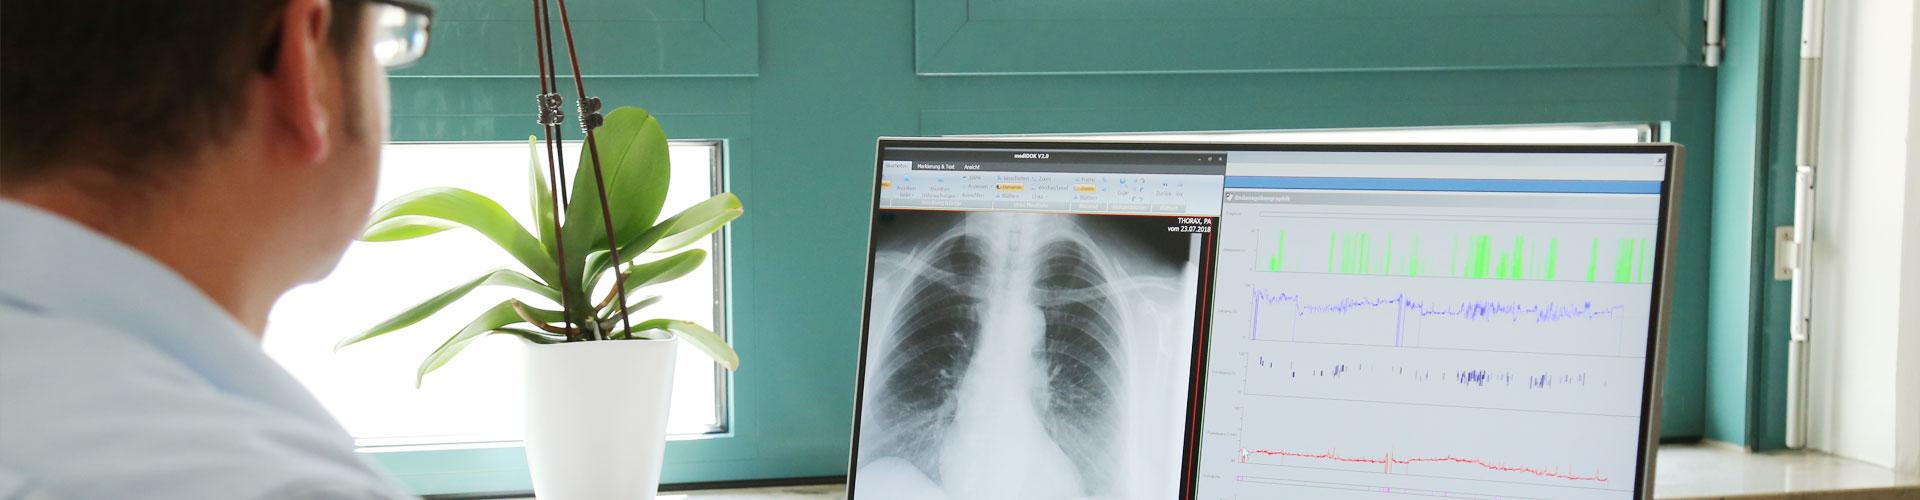 Arztpraxis Dr. Marc Autenrieth, Lungenfacharzt in Augsburg